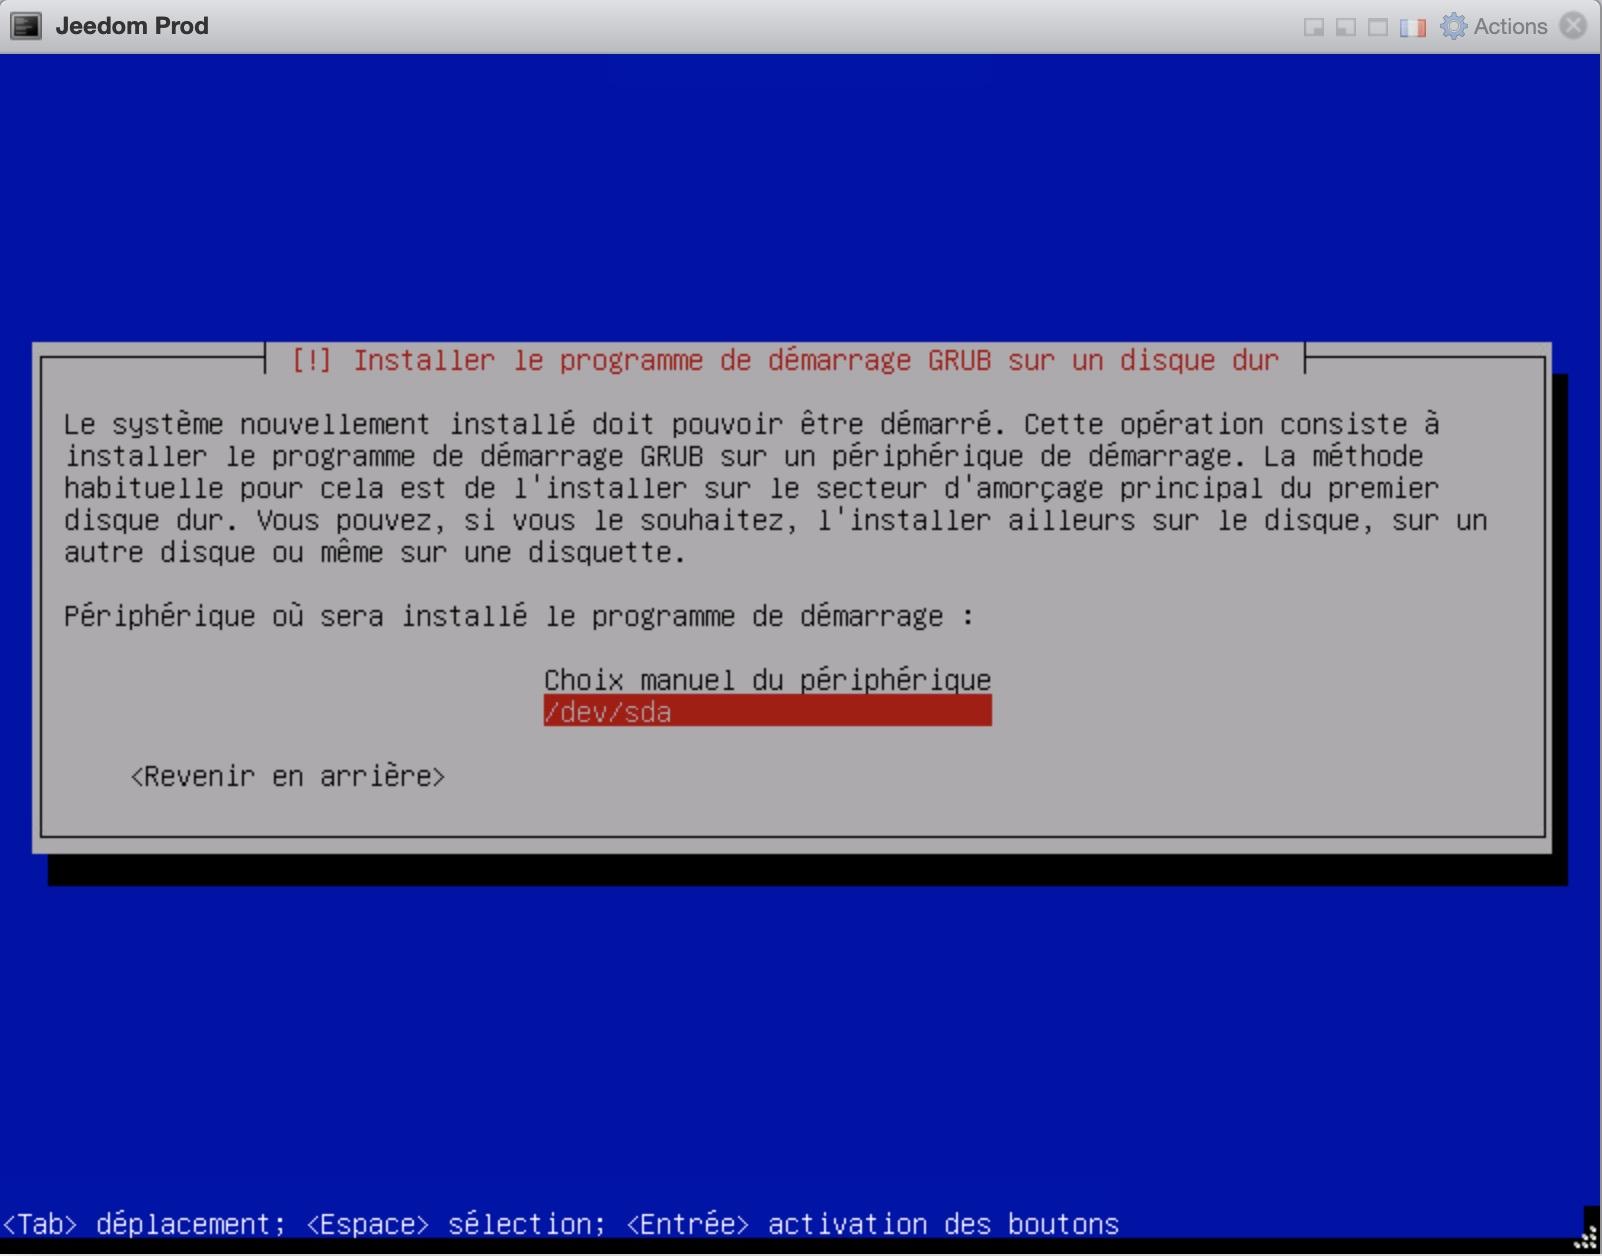 Jeedom-installation-debian-linux-vm-esxi-install-periph